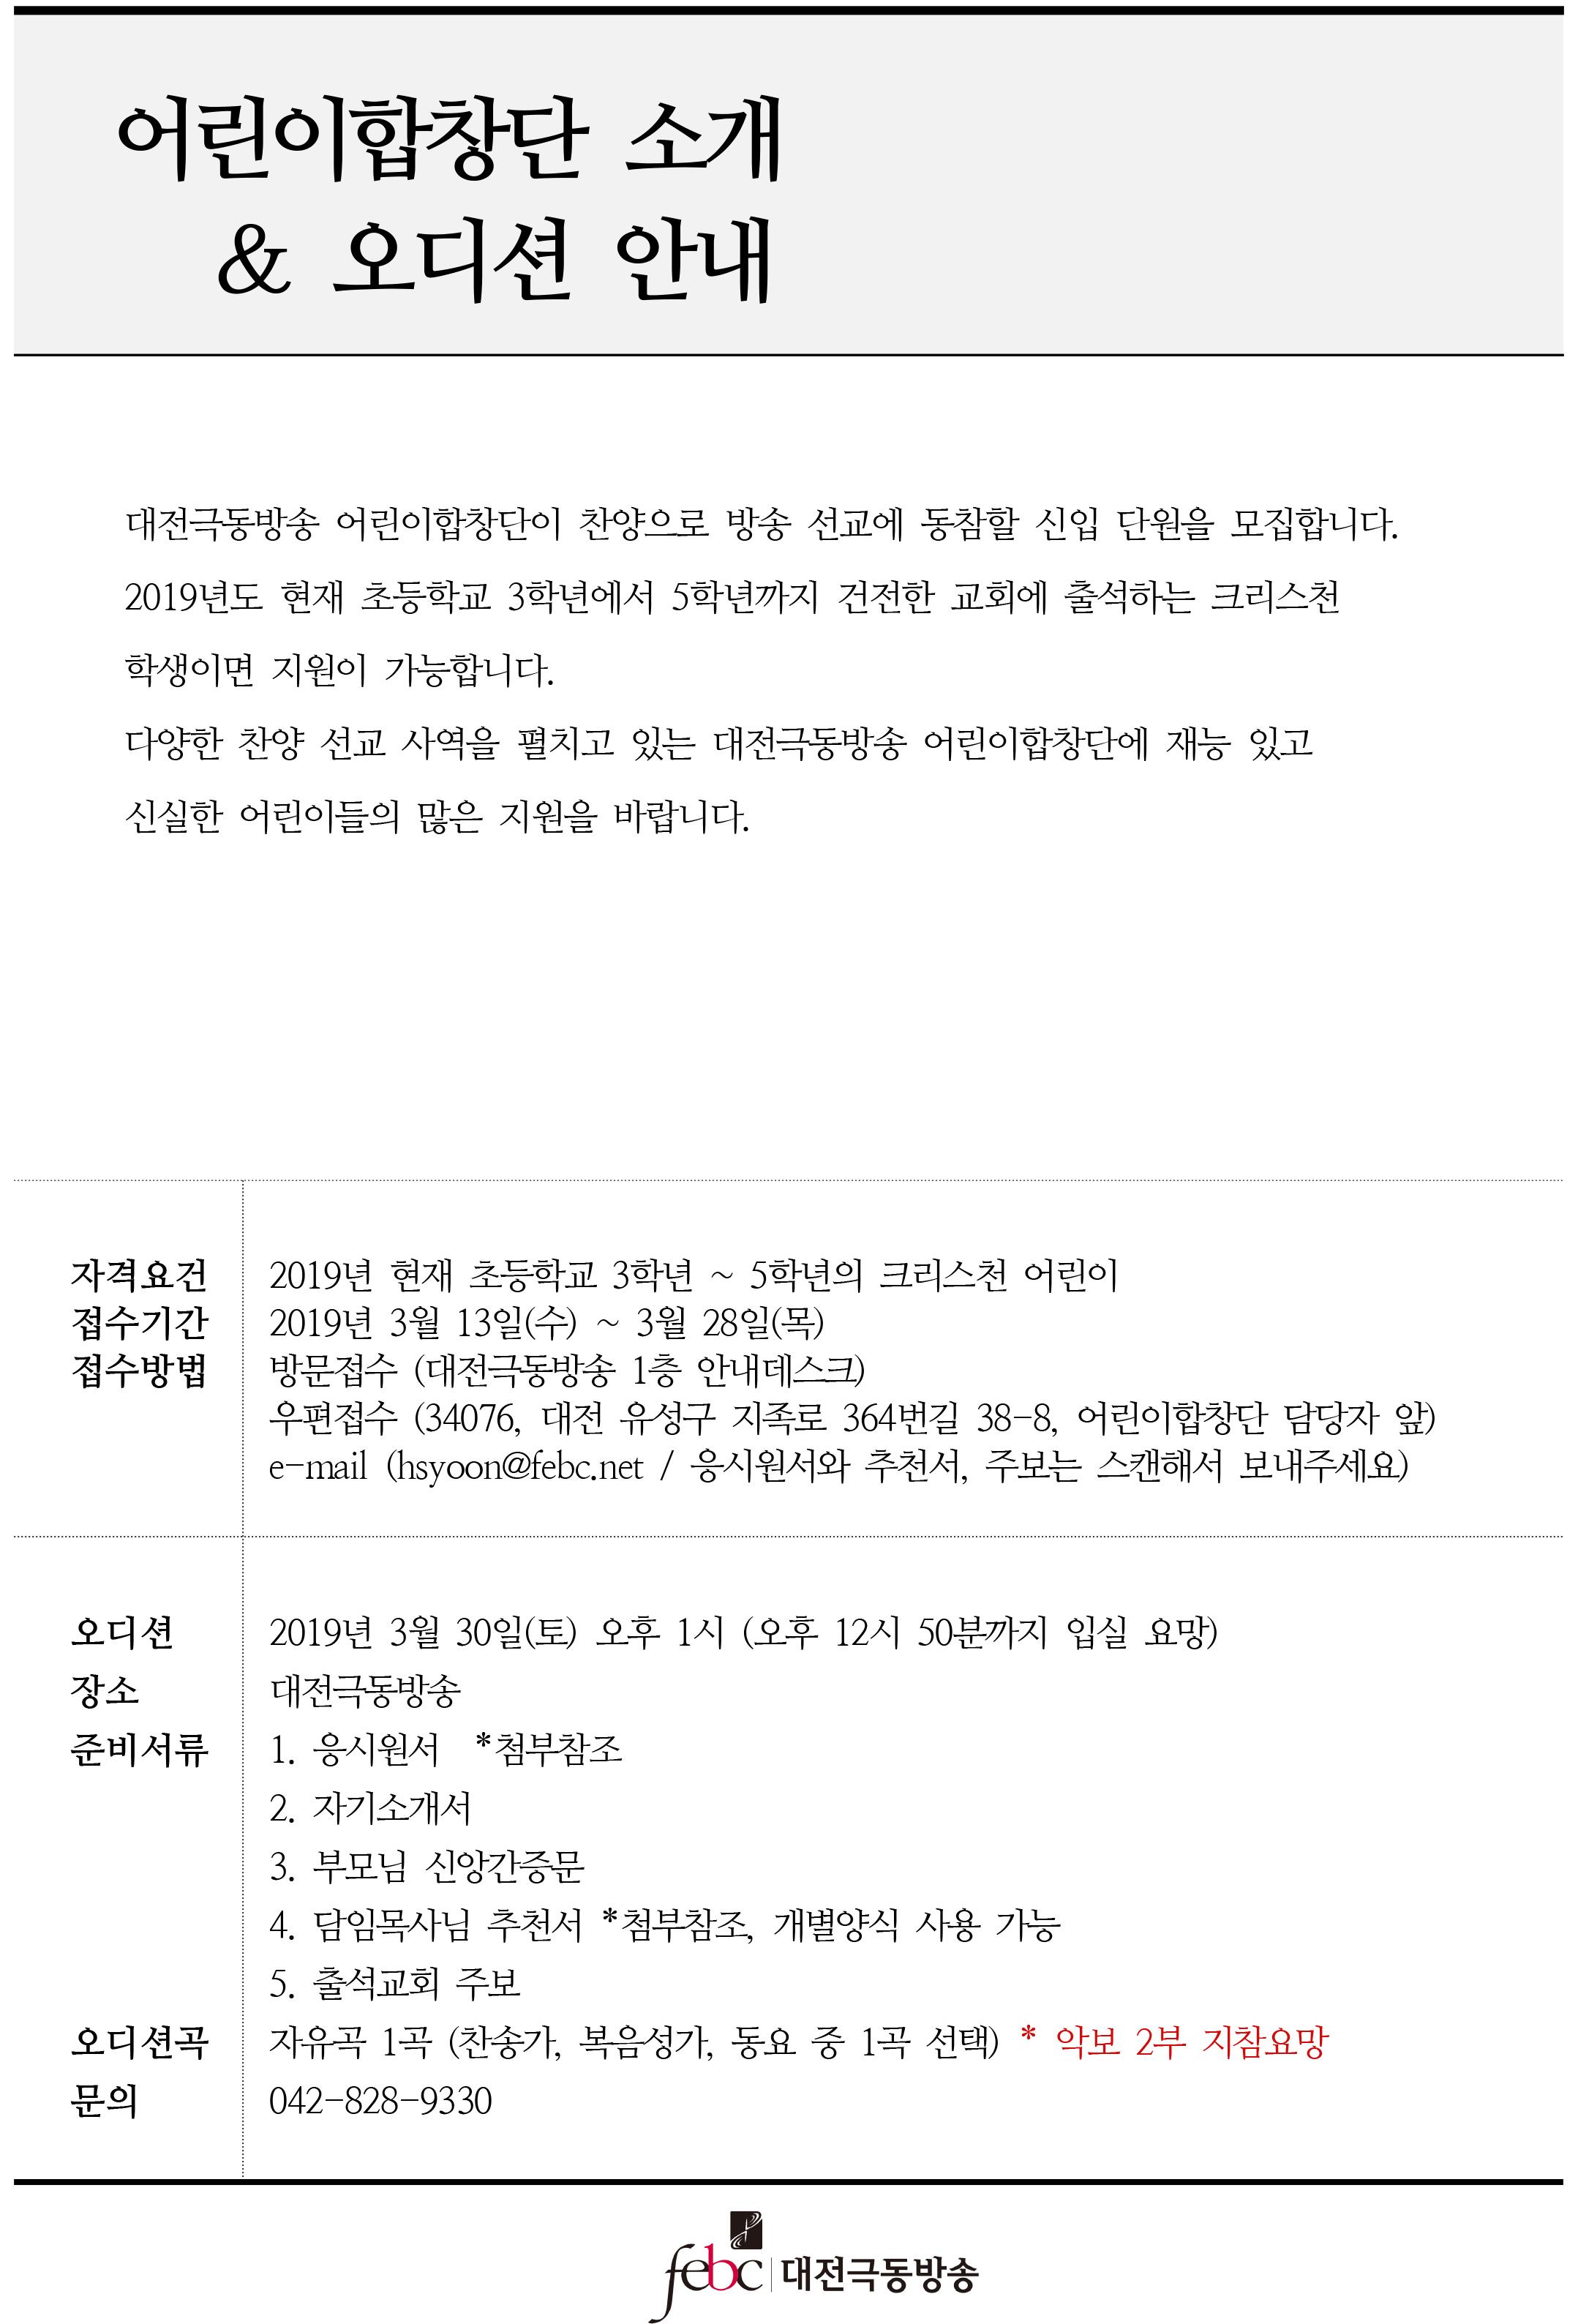 신입단원 추가모집오디션안내 및 응시원서_추천서-1.jpg